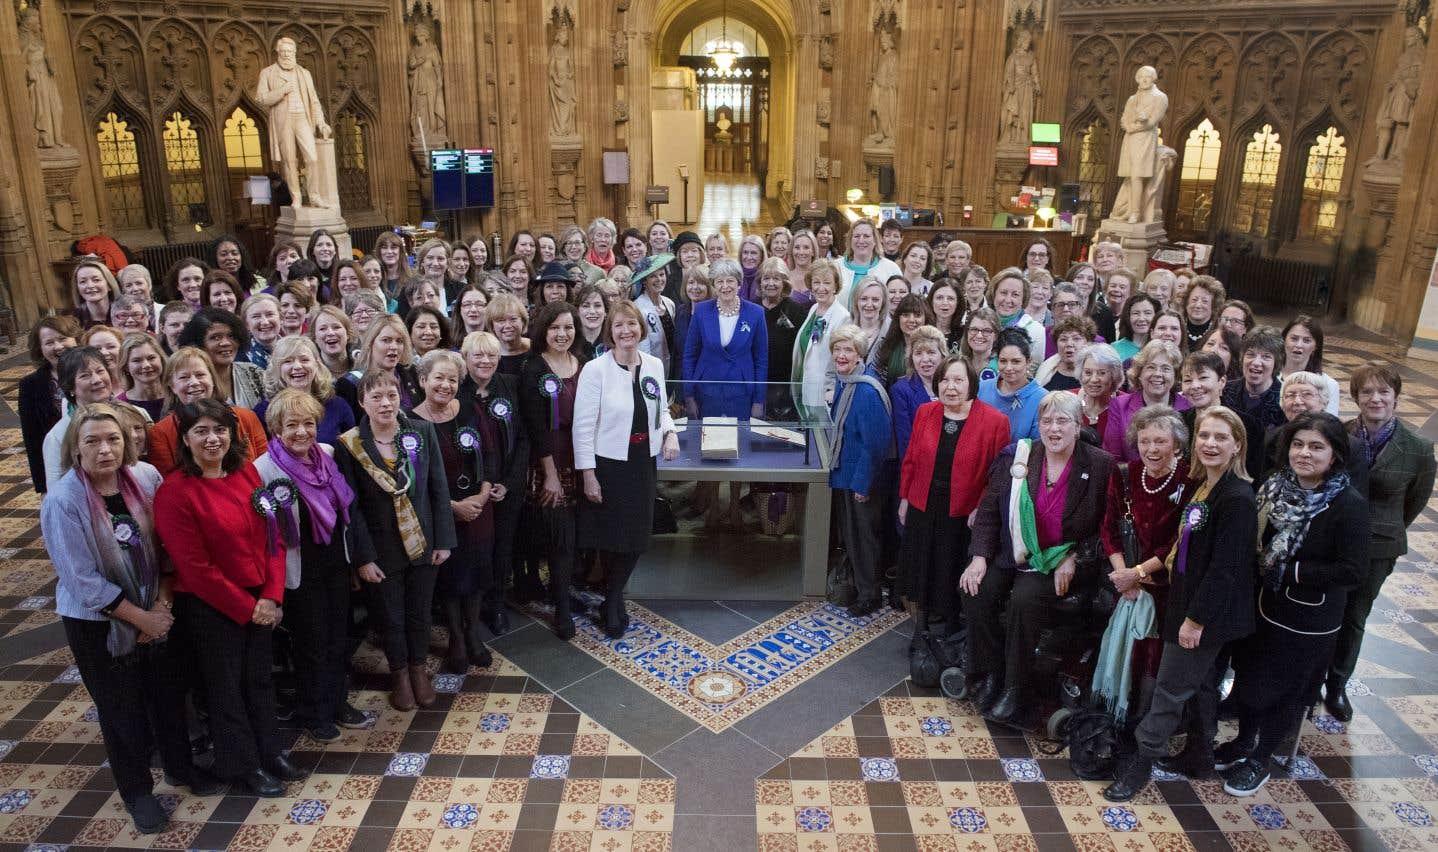 Theresa May a célébré cet anniversaire à Manchester (nord-ouest), où a vu le jour le mouvement des suffragettes.